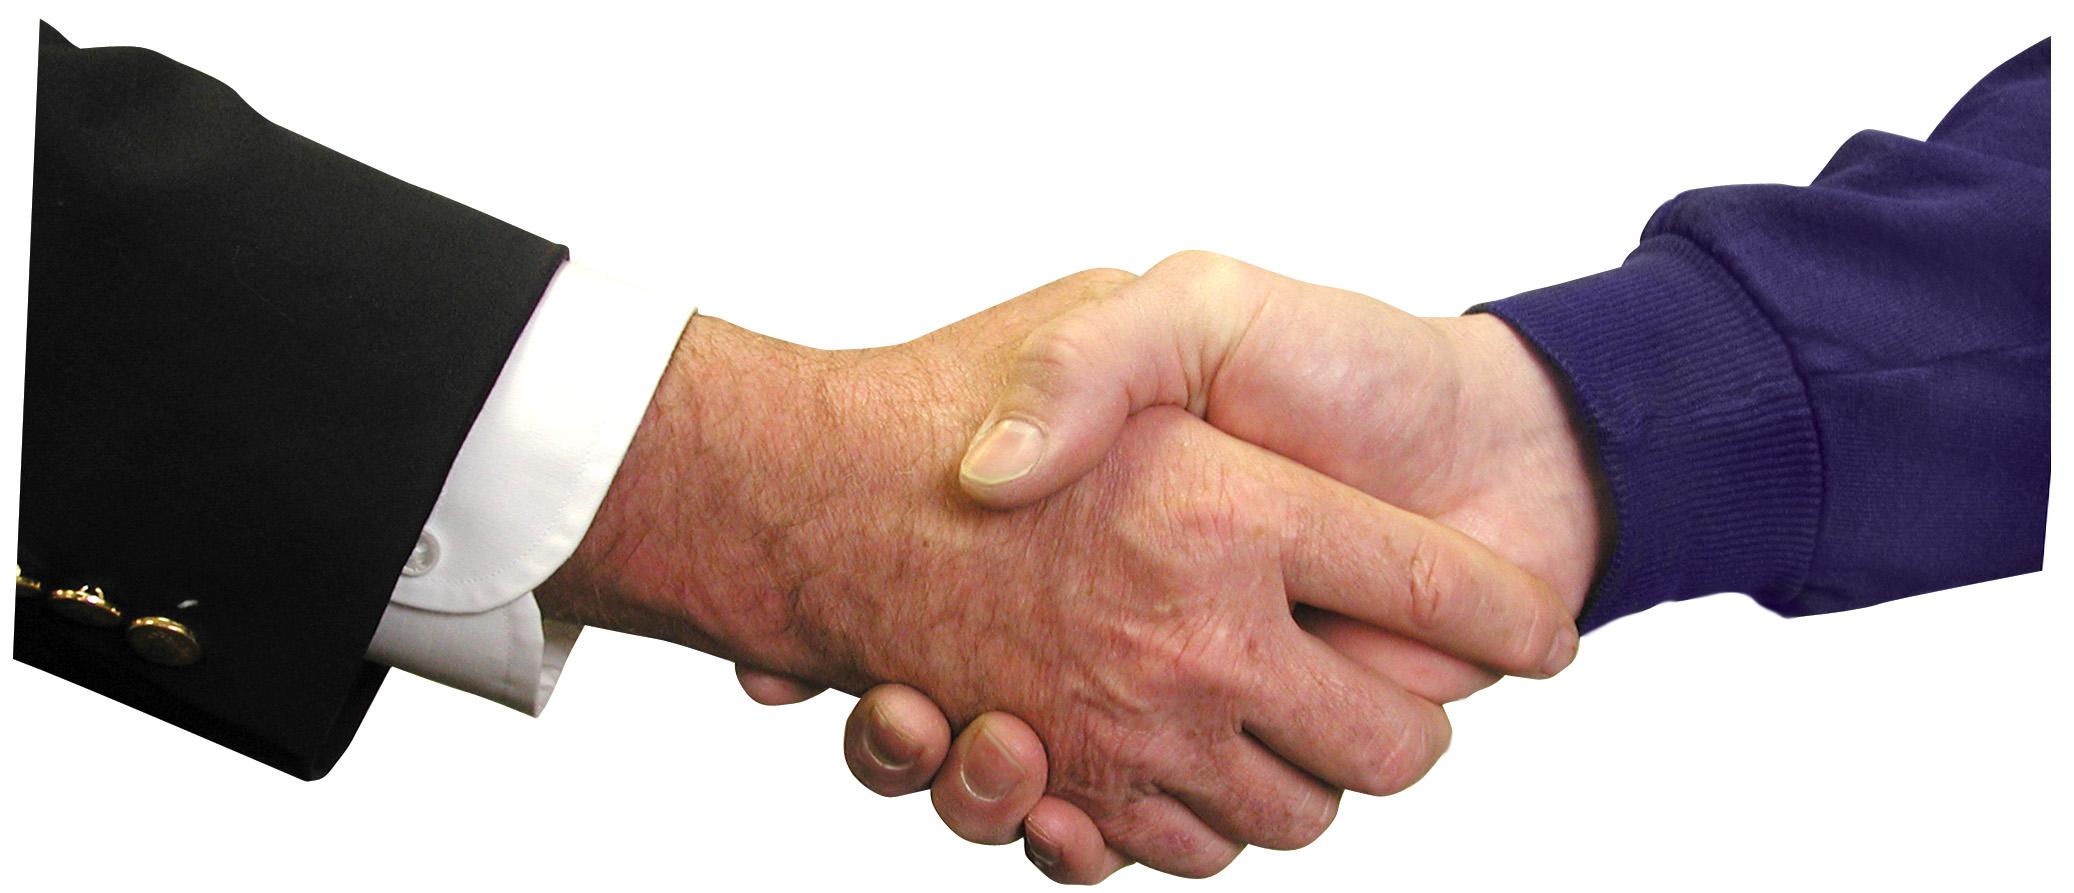 Compartimos sinergias, conocimientos y experiencias